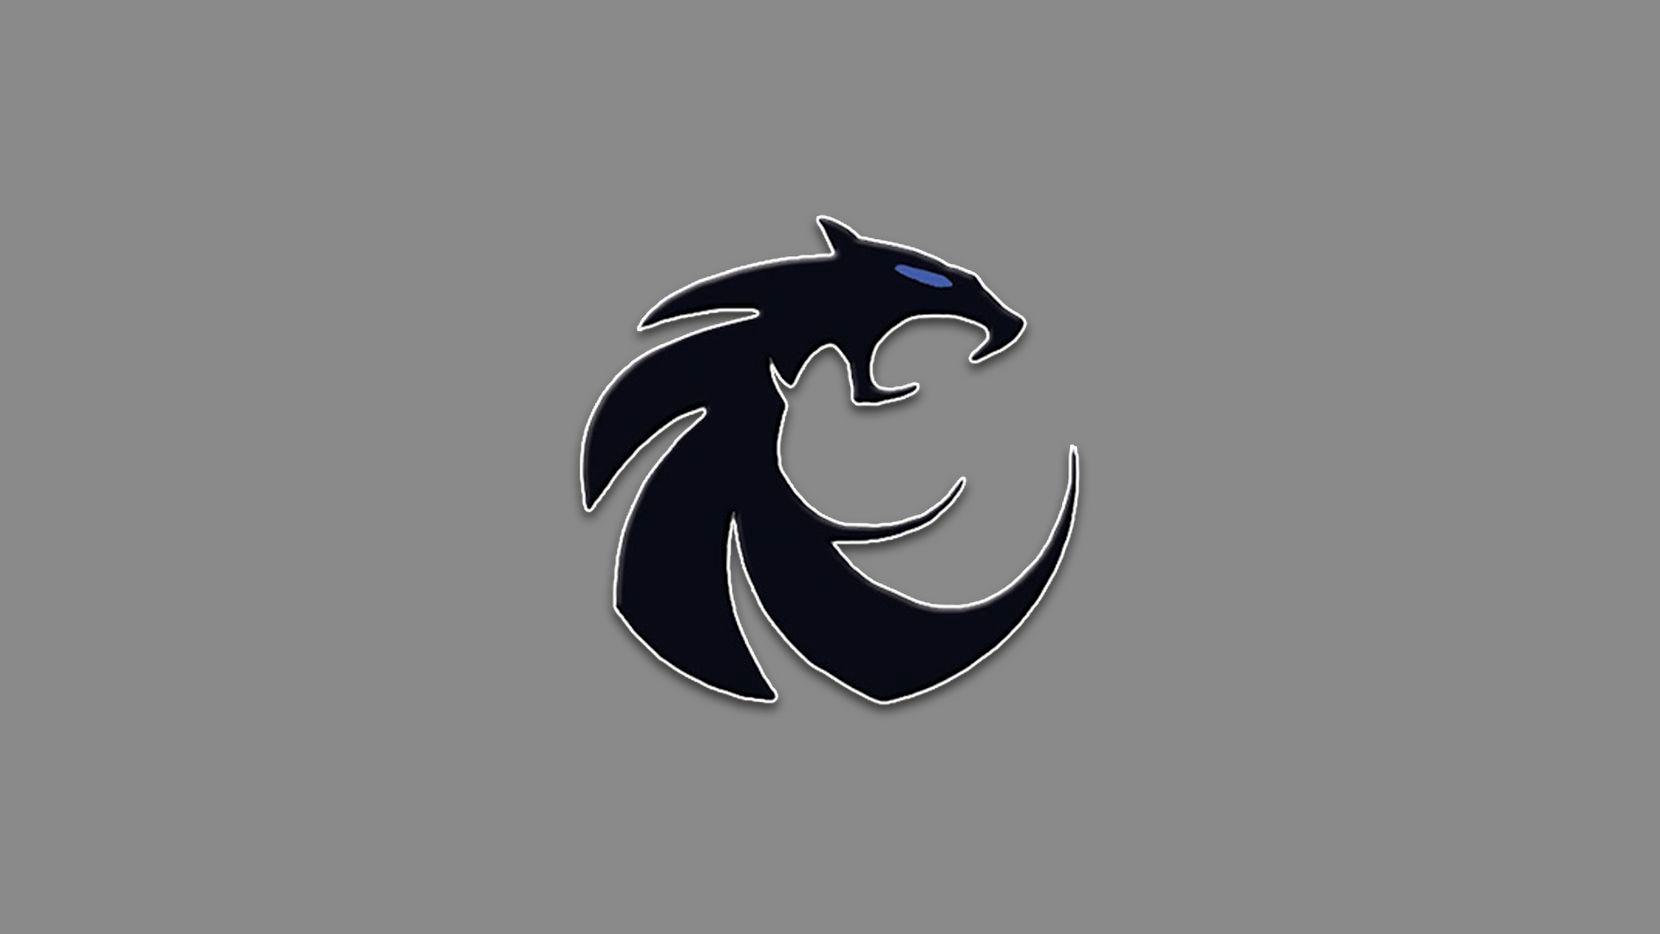 Denton Guyer logo.